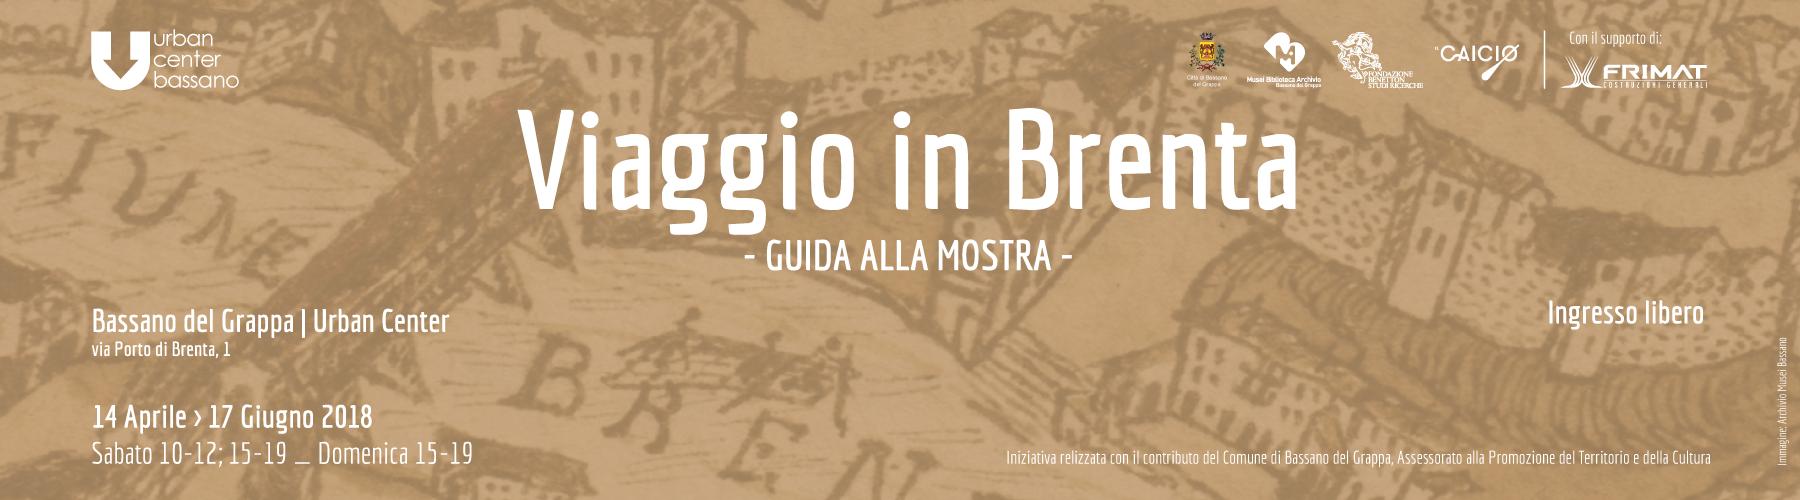 Viaggio in Brenta | guida alla mostra